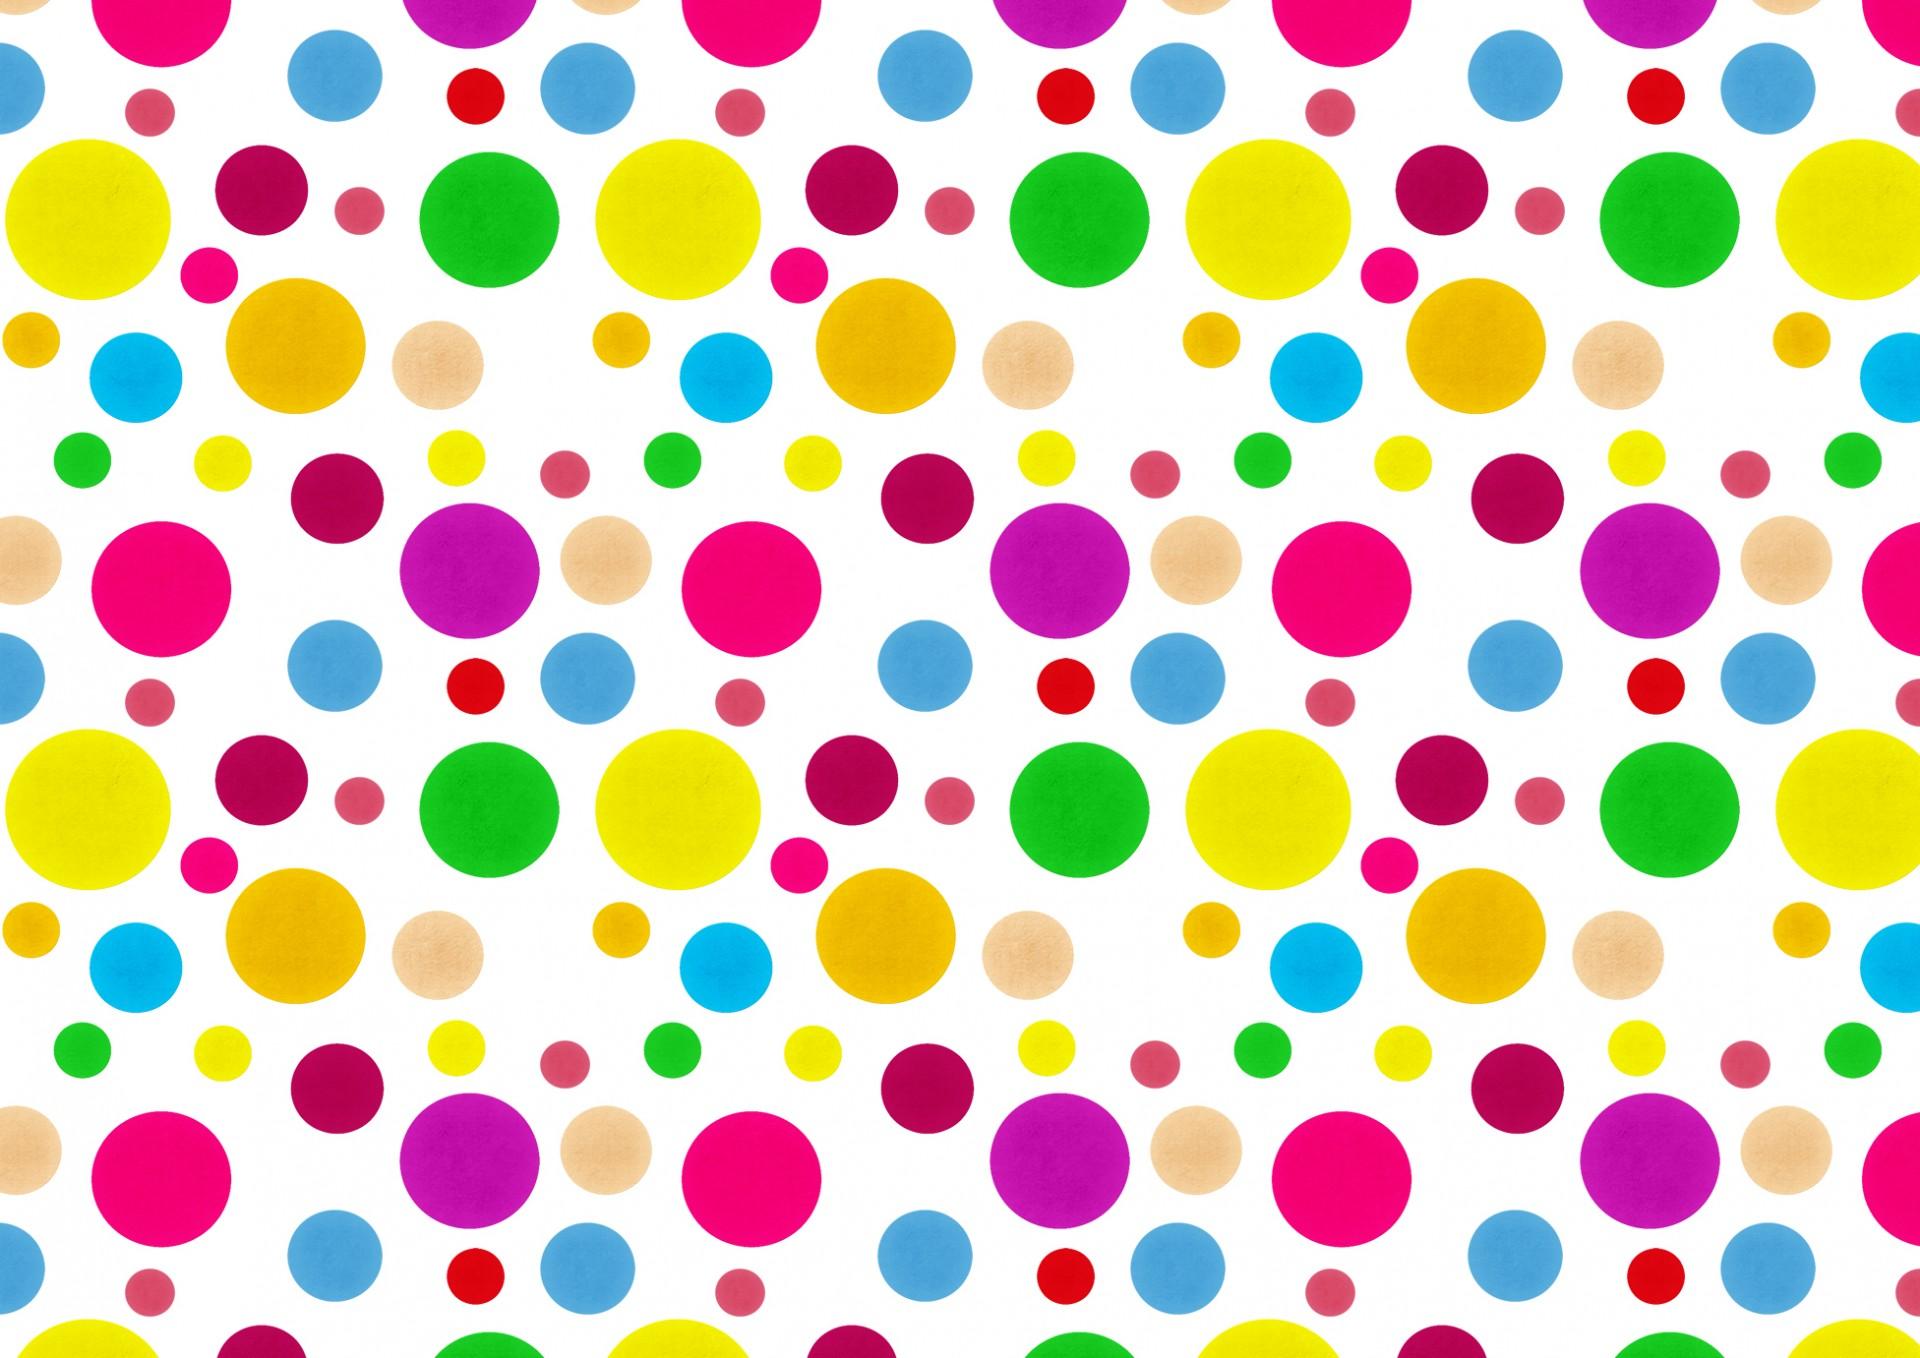 Color spots photo